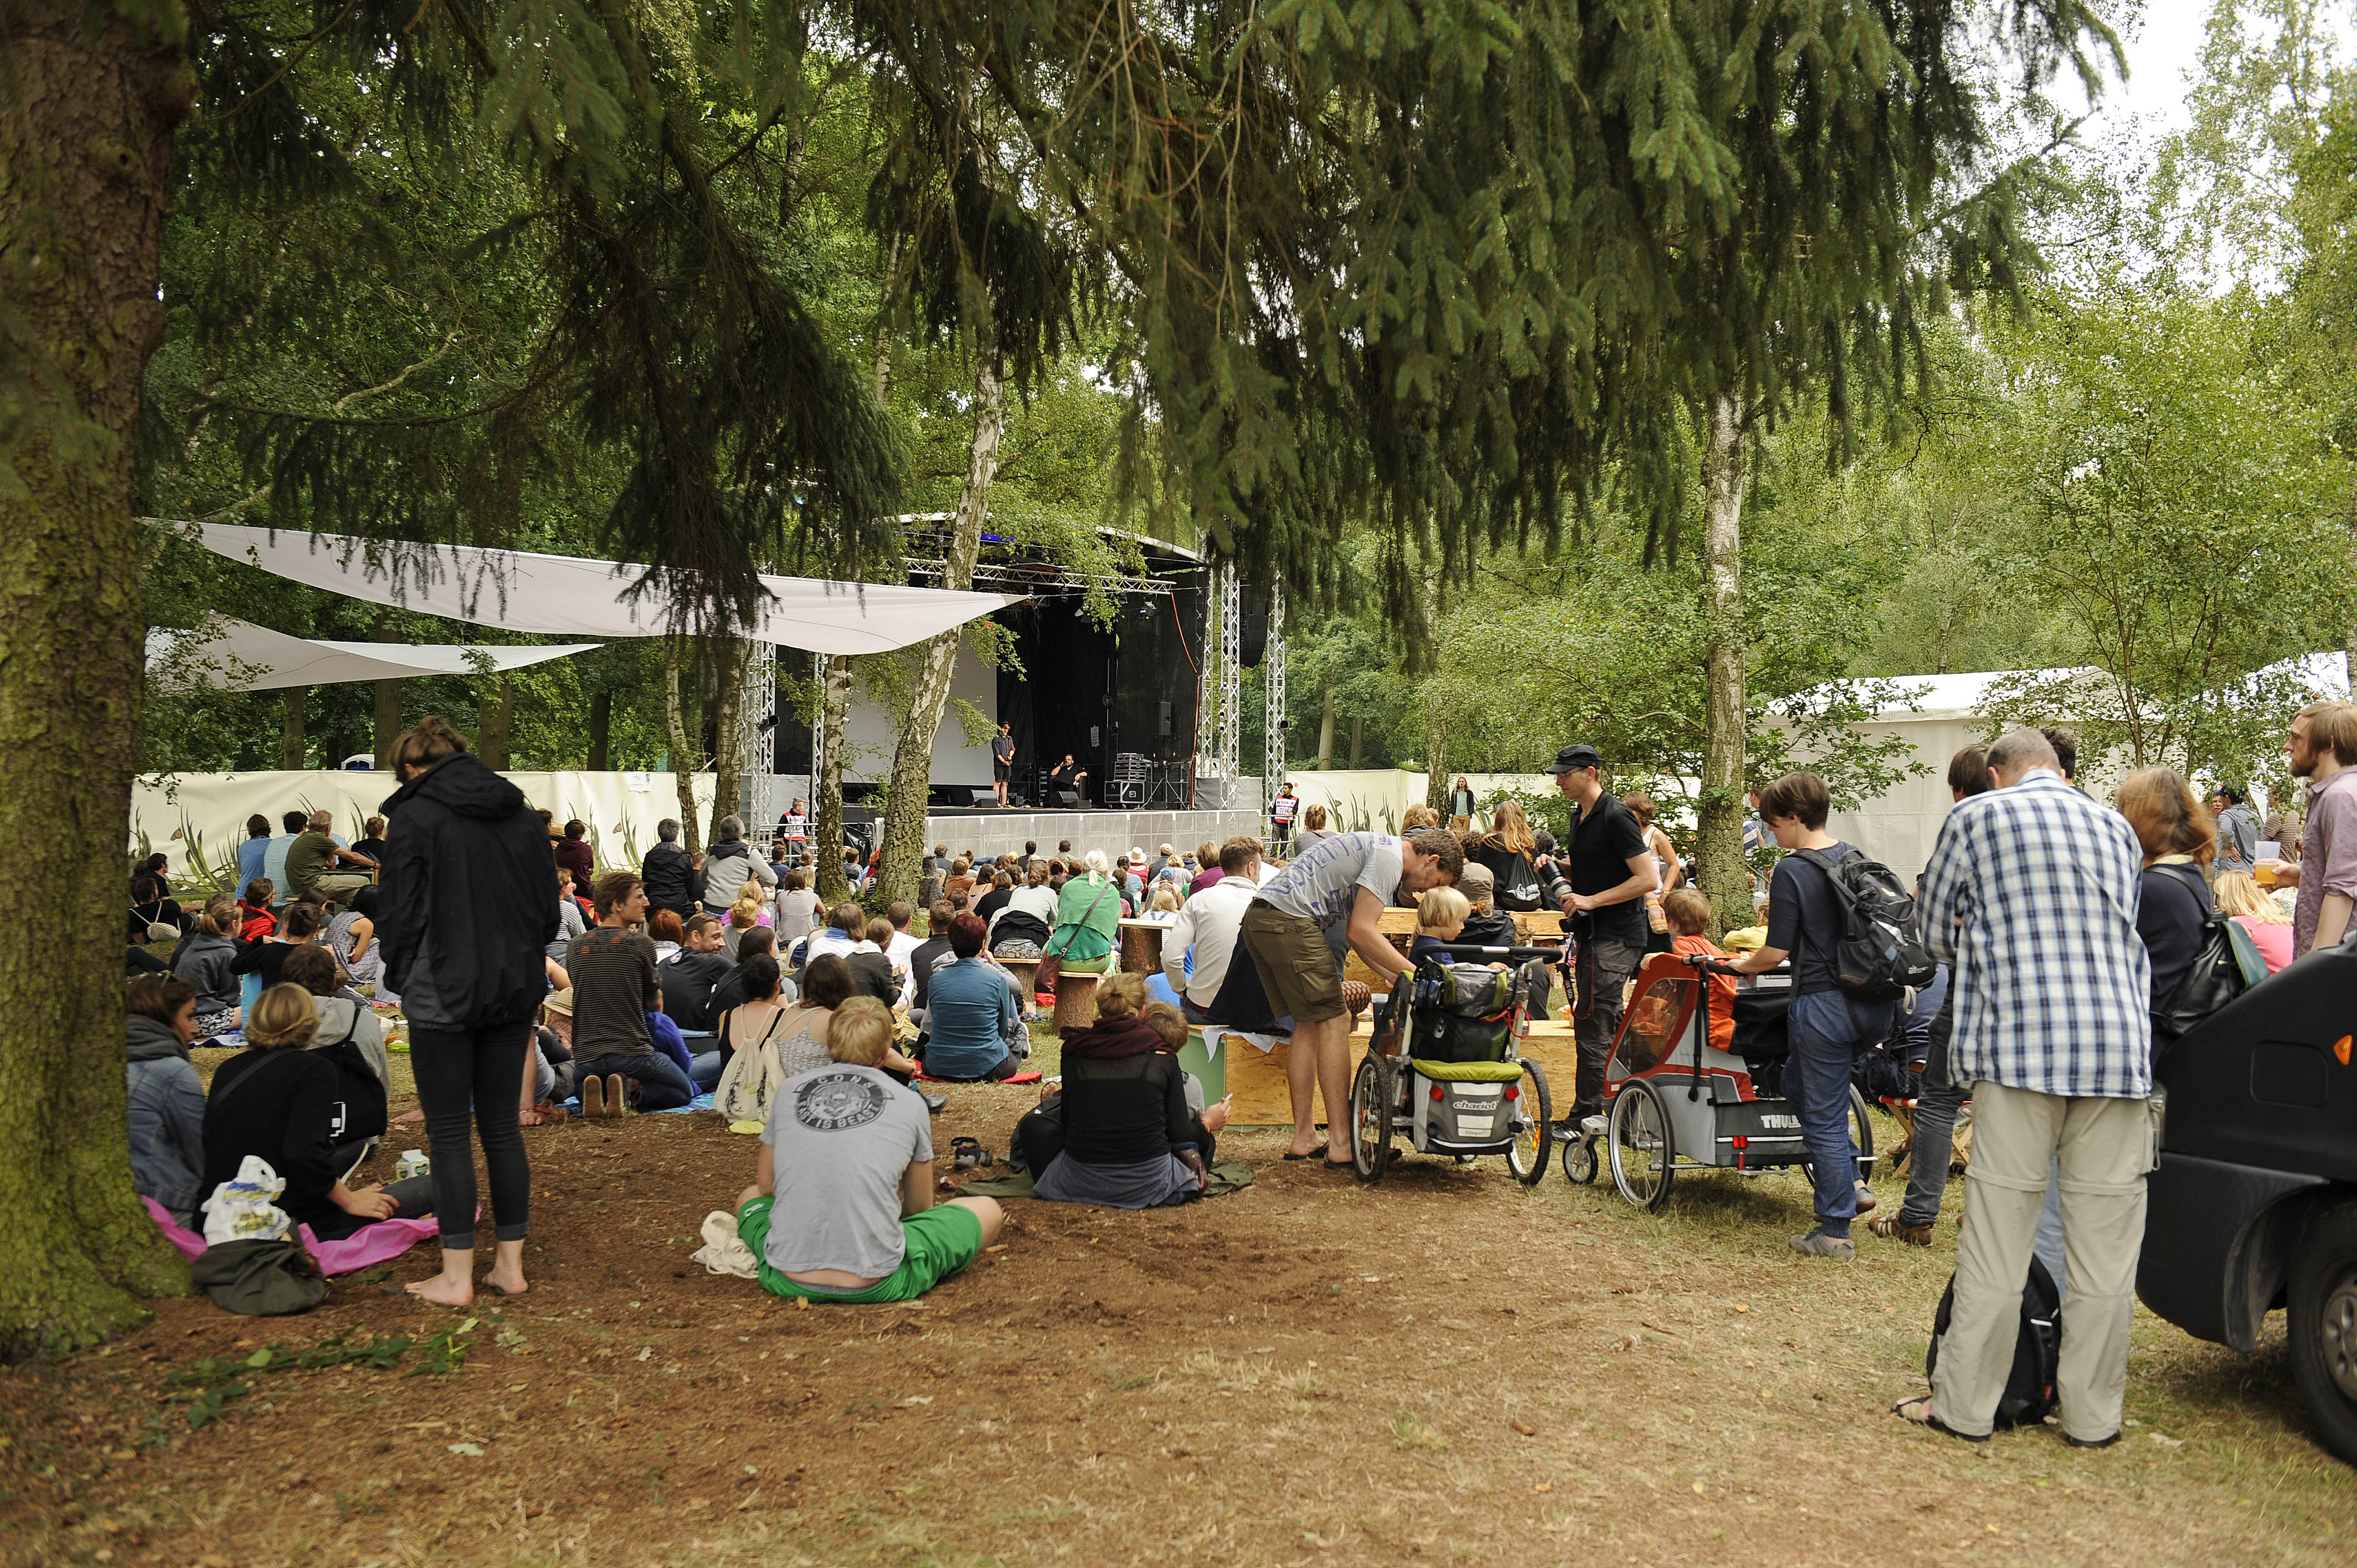 Publikum und Gelaende beim A Summer_s Tale Open Air Festival 2015: Premiere des Festivals in der Lueneburger Heide, Luhmuehle